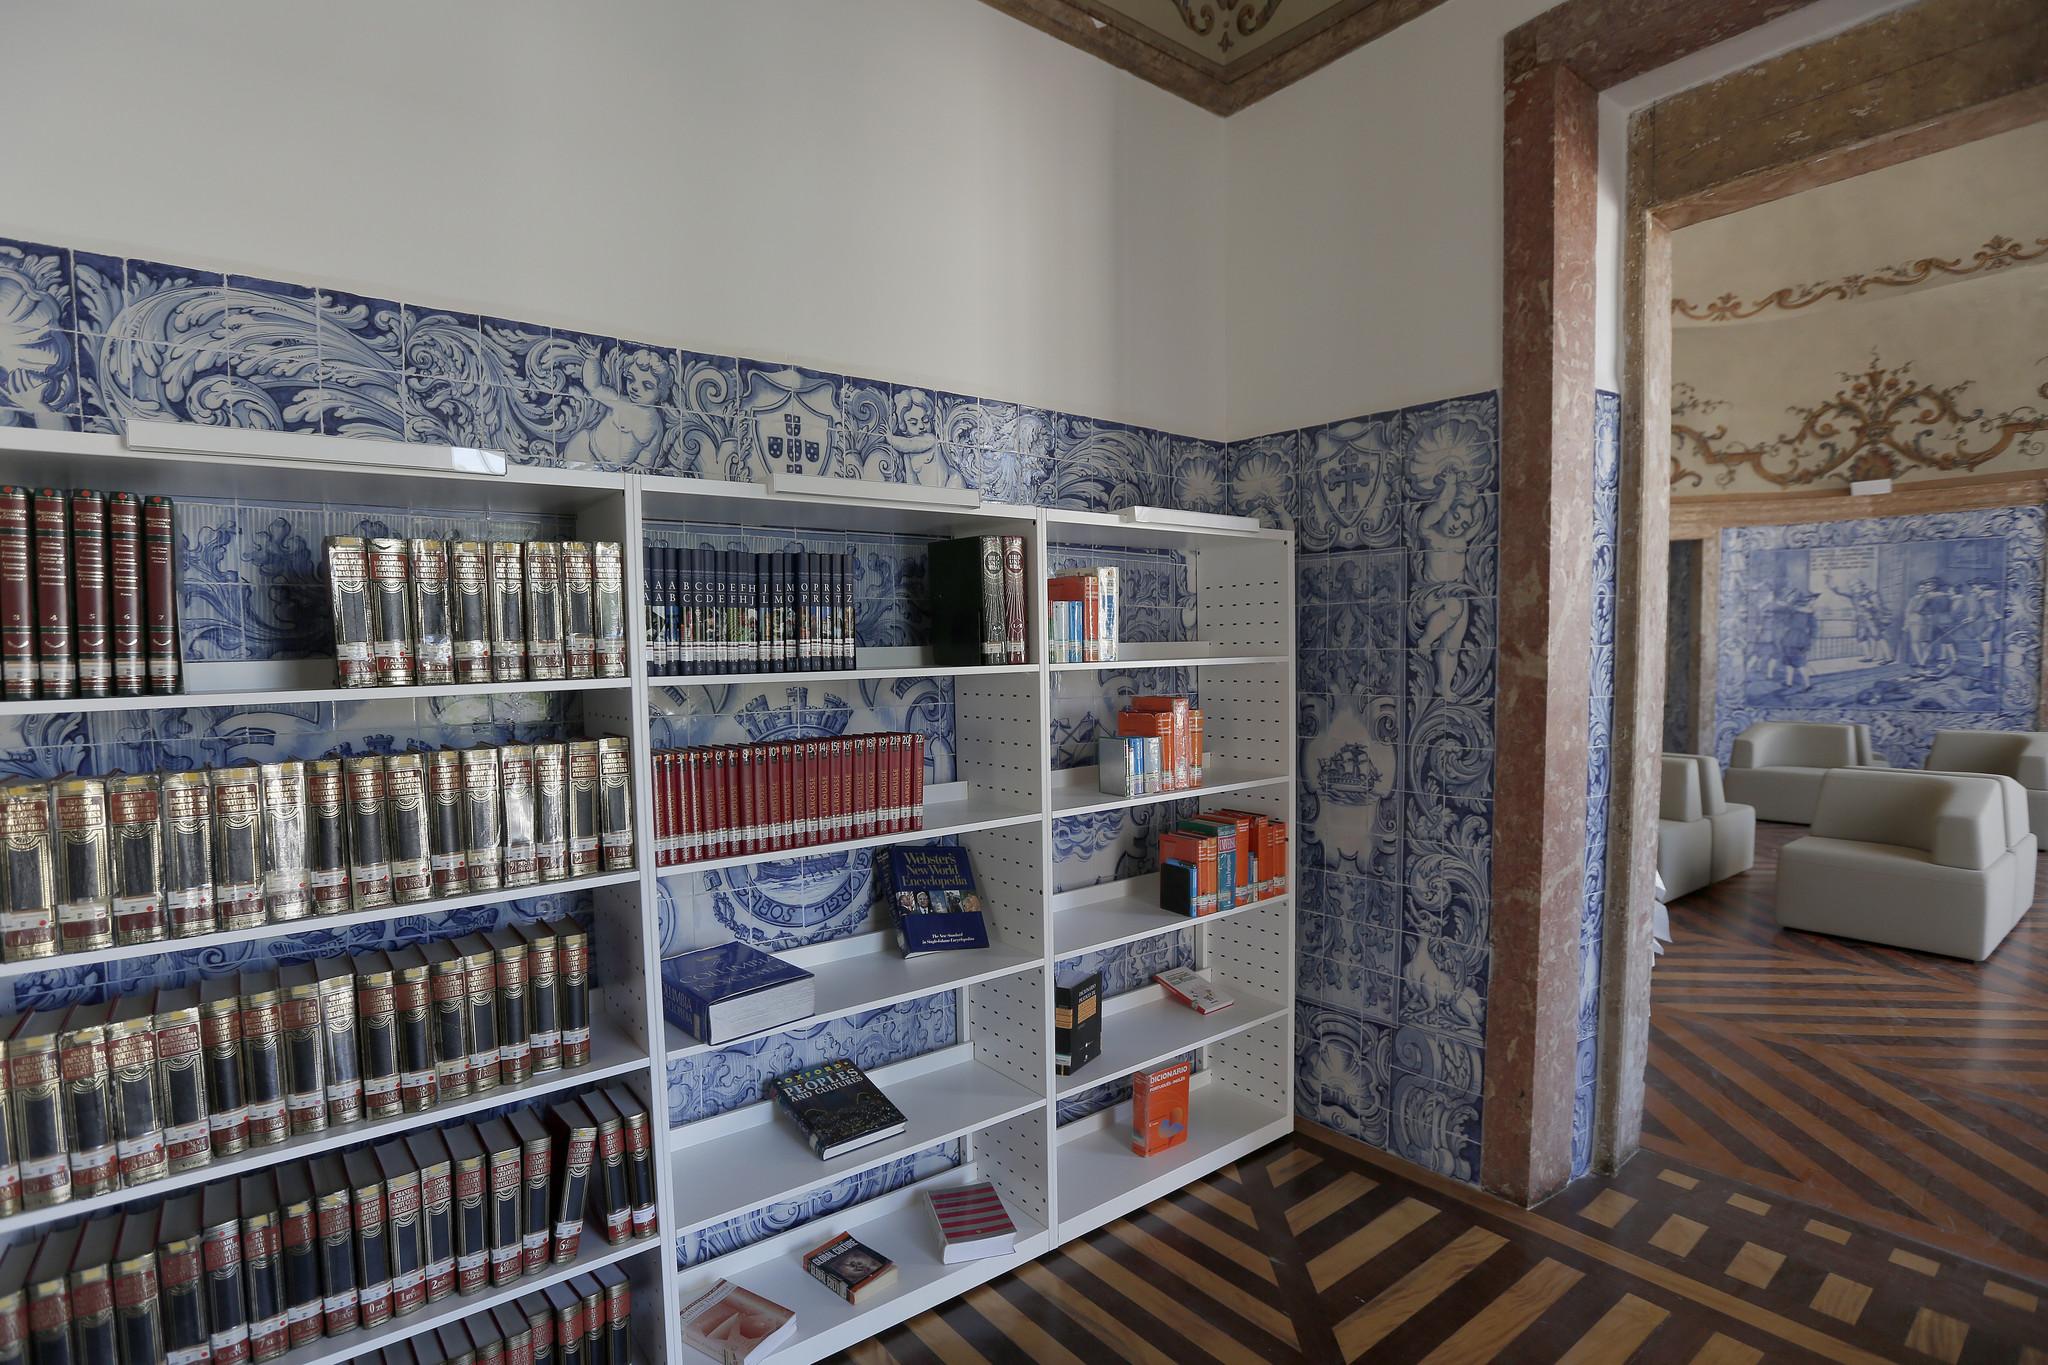 JC biblioteca Palacio das Galveias 11.jpg